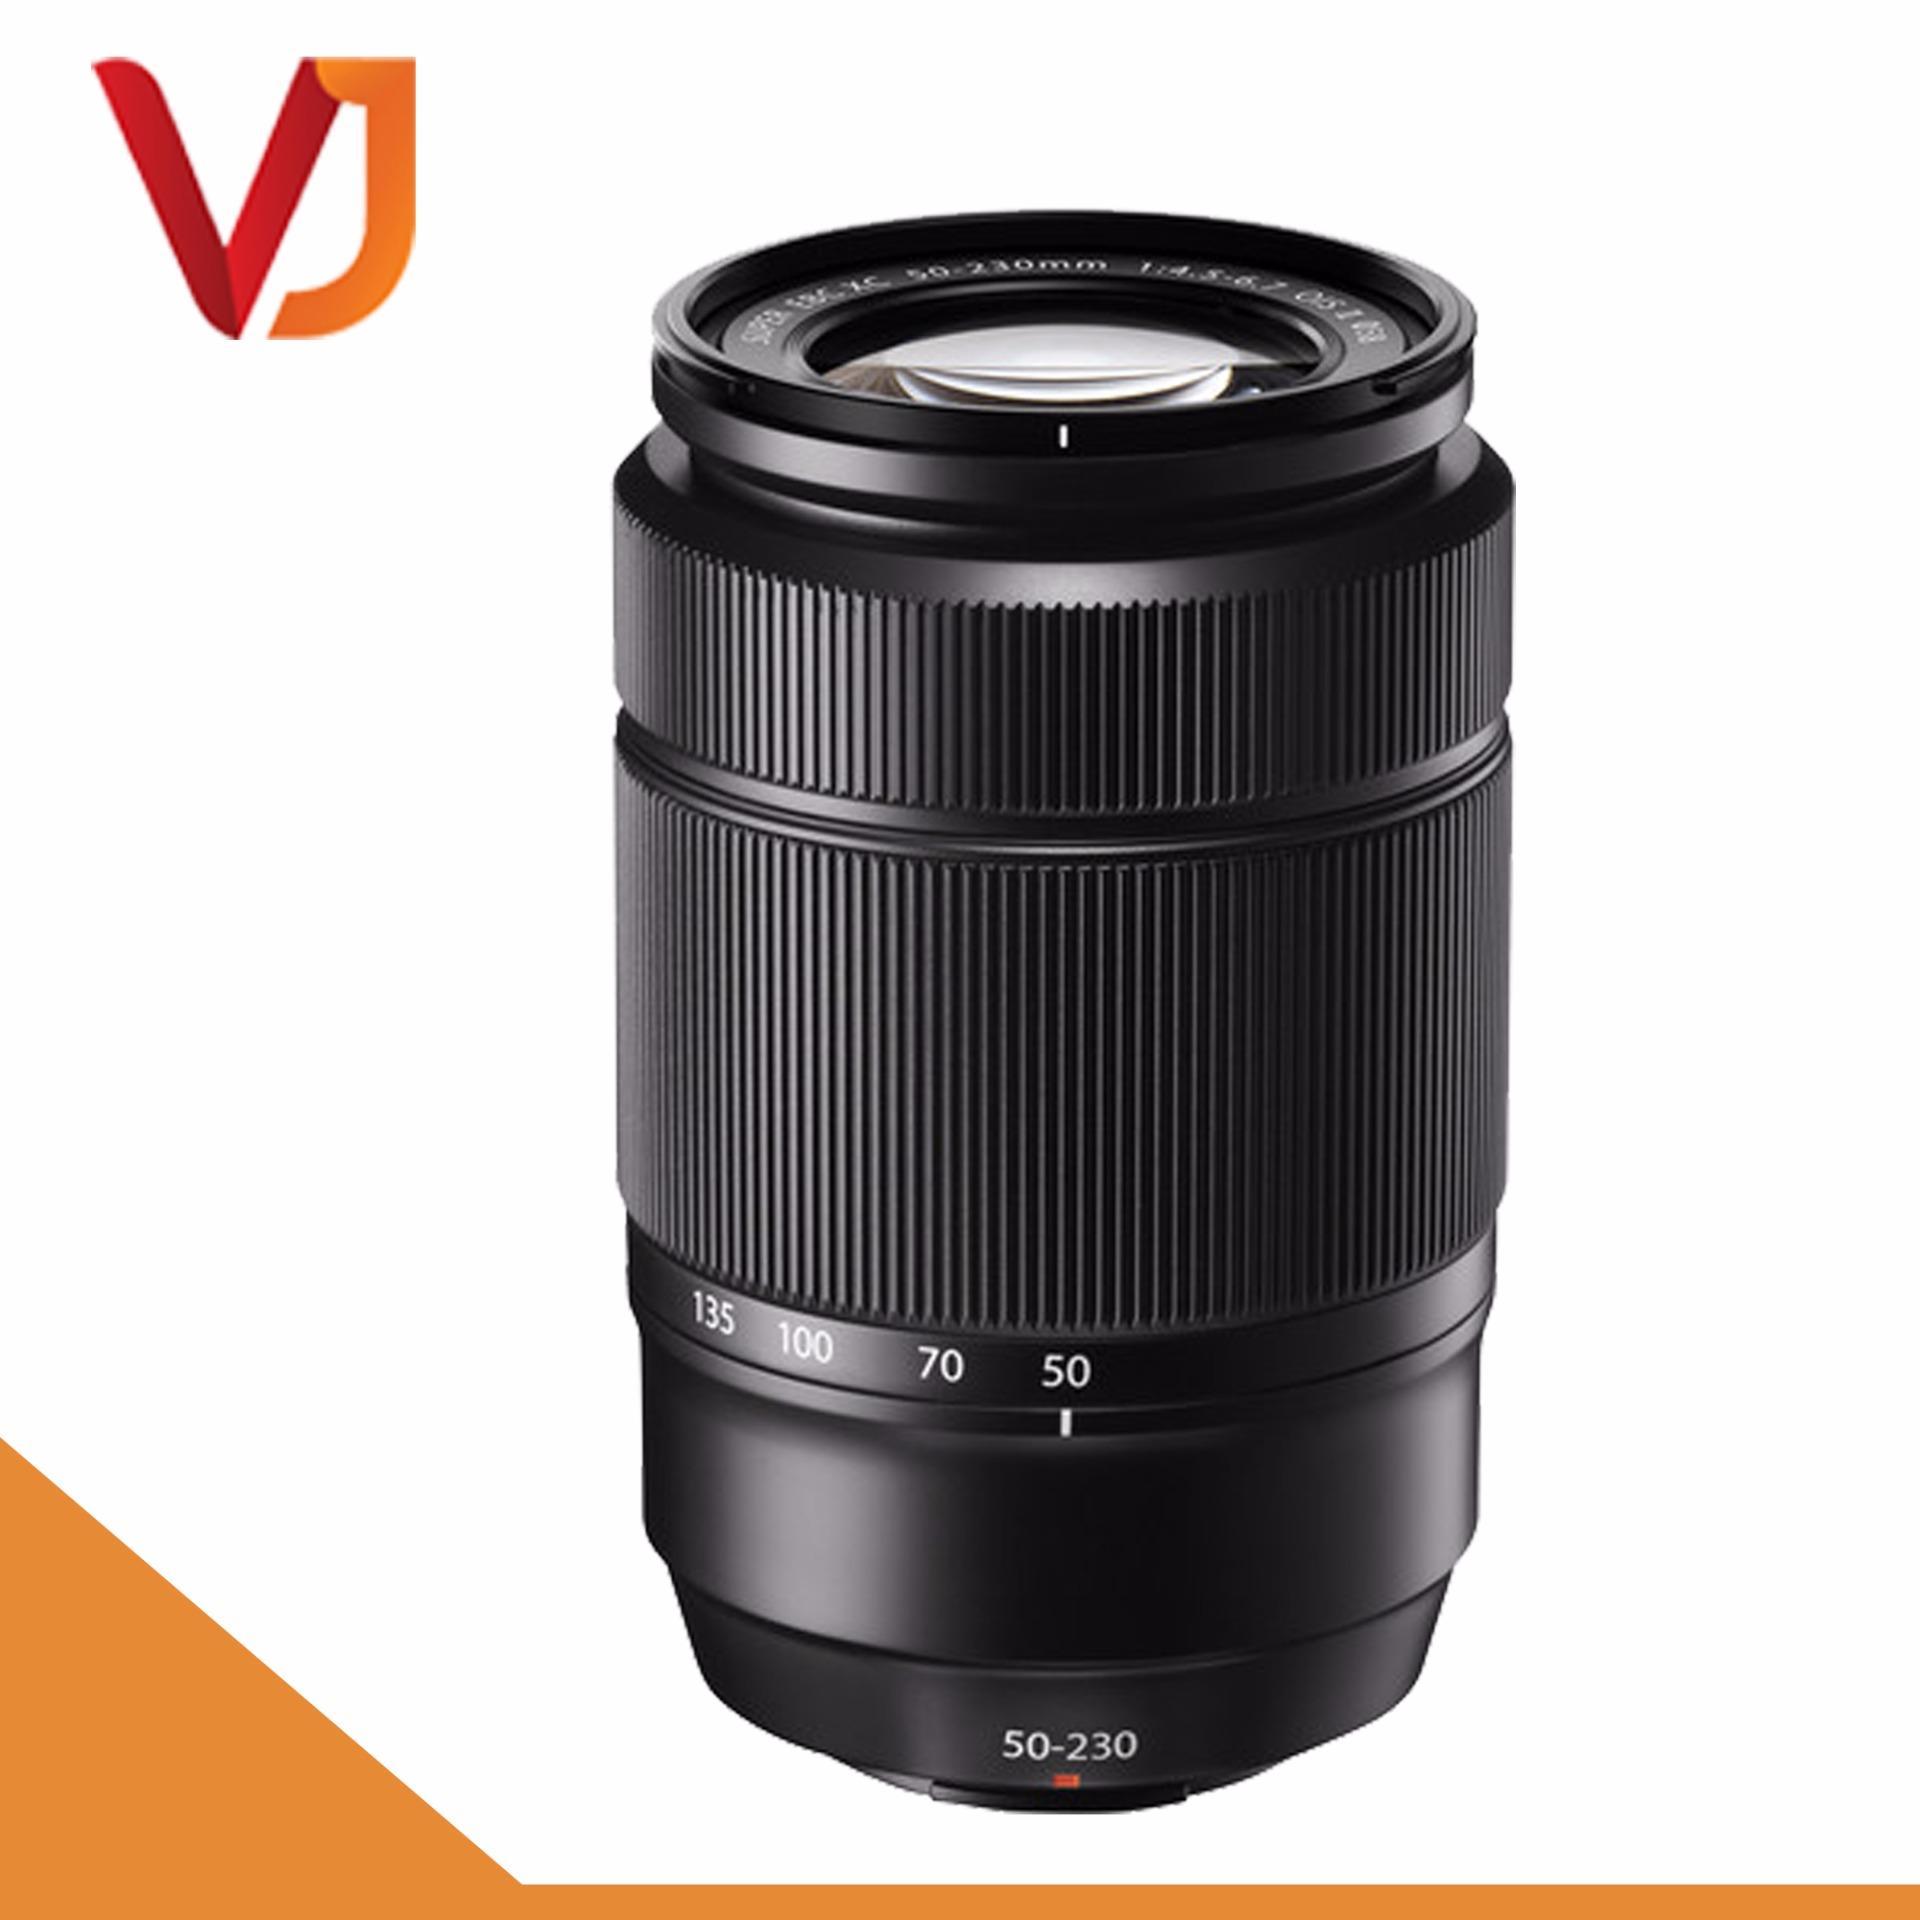 Ống kính Fujifilm XC 50-230mm F/4.5-6.7 OIS II (Đen) – Tặng kèm 1 Filter UV 58mm + 1 Bóng thổi bụi + 1 Khăn lau lens – Hãng phân phối chính thức